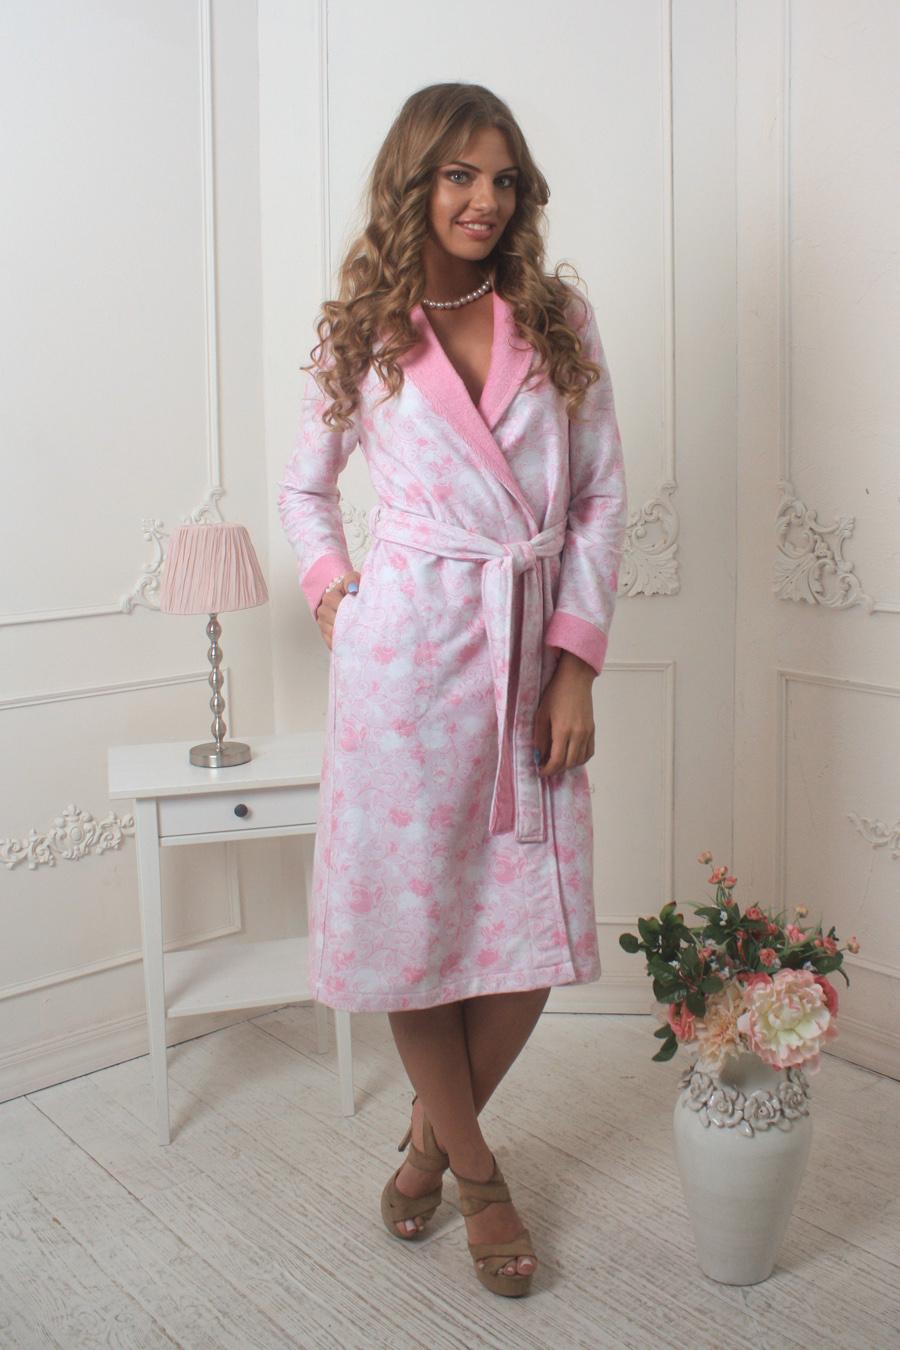 452Невероятно нежный и стильный халат, выполненный в уникальной ткани с didgital принтом и идеальной посадкой по фигуре. Легкая, солнечная цветовая гамма.